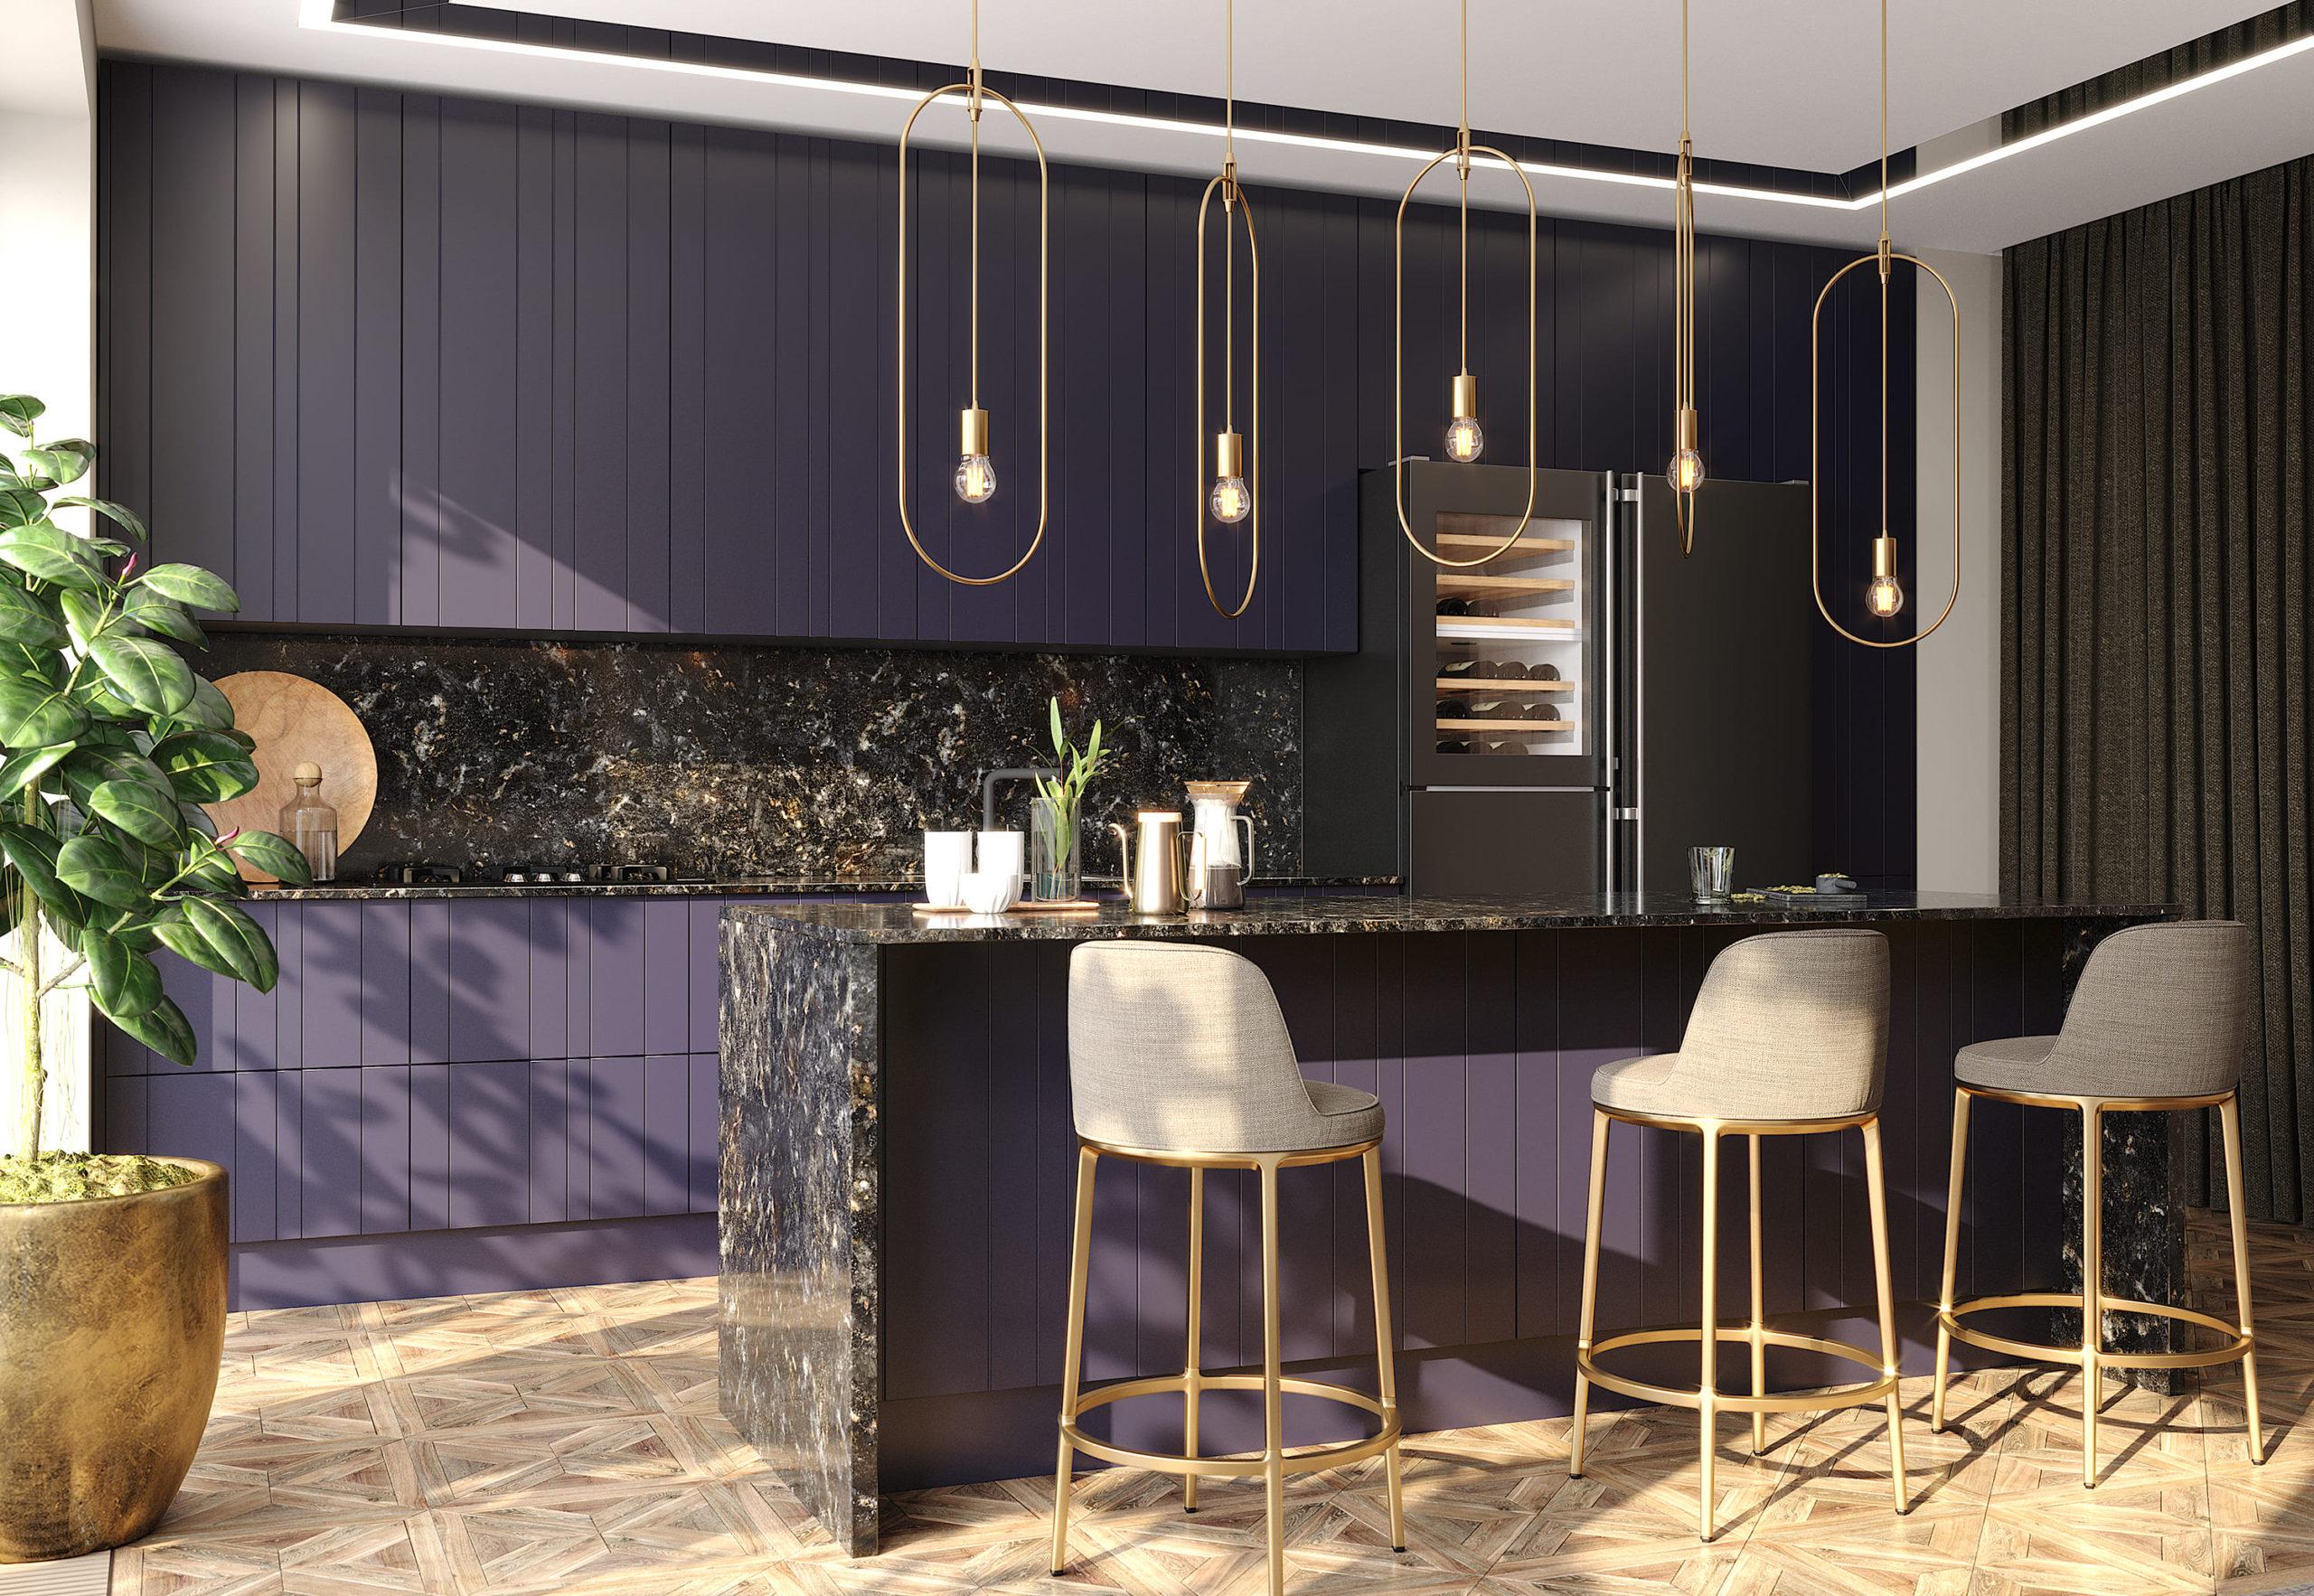 Кухня Interium Модерн.139 - барная стойка